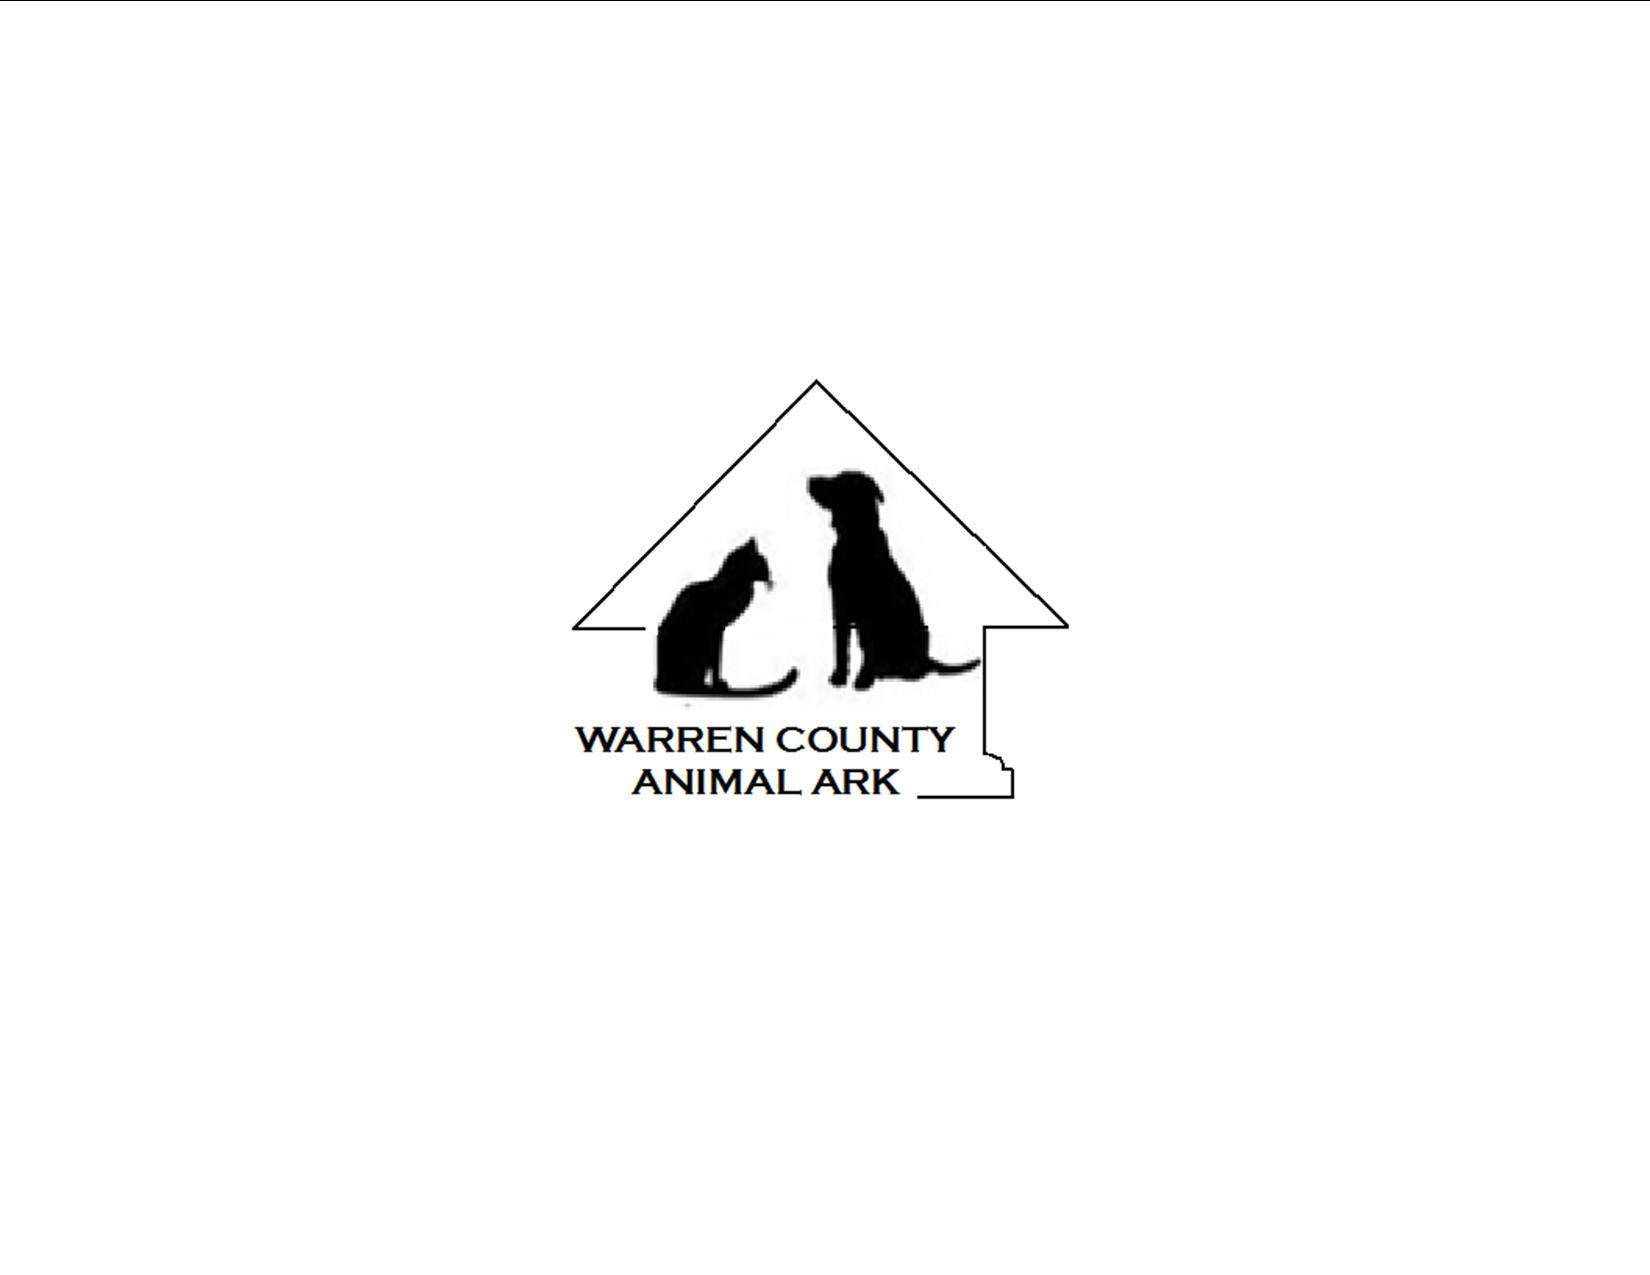 Animal Ark Warren County